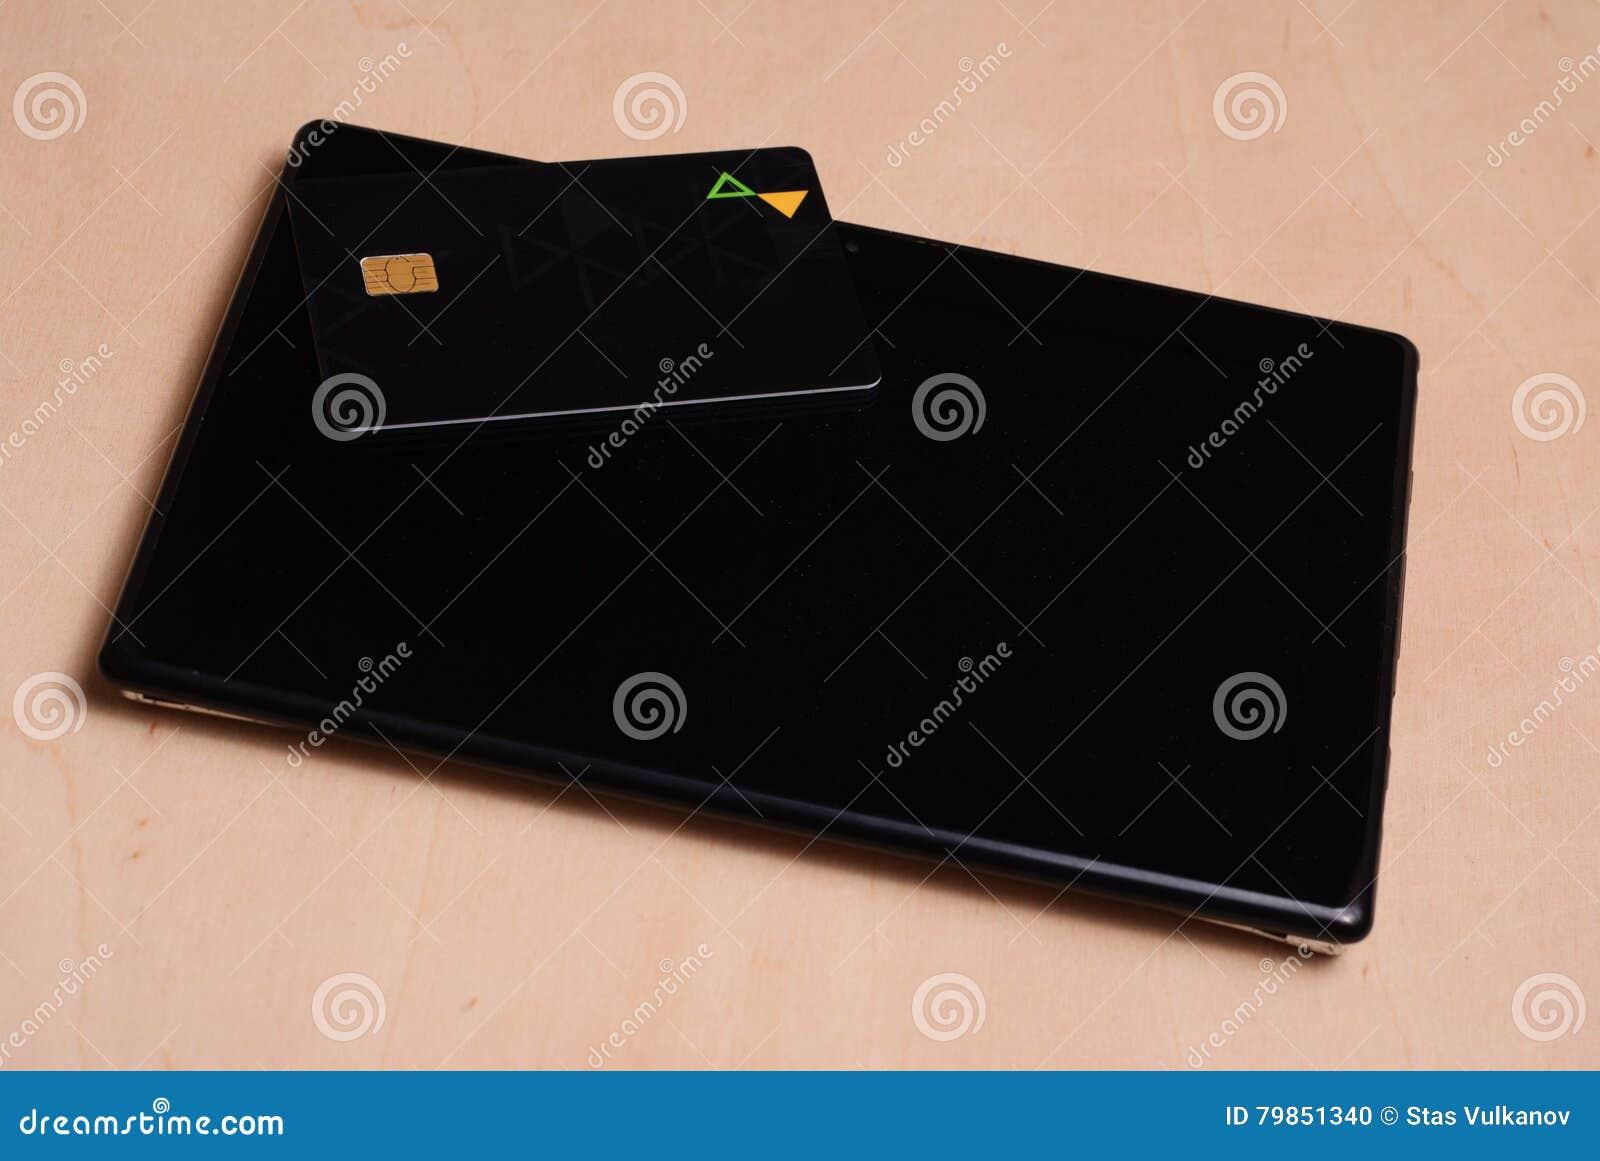 O cartão de crédito preto está em uma tabuleta eletrônica preta,